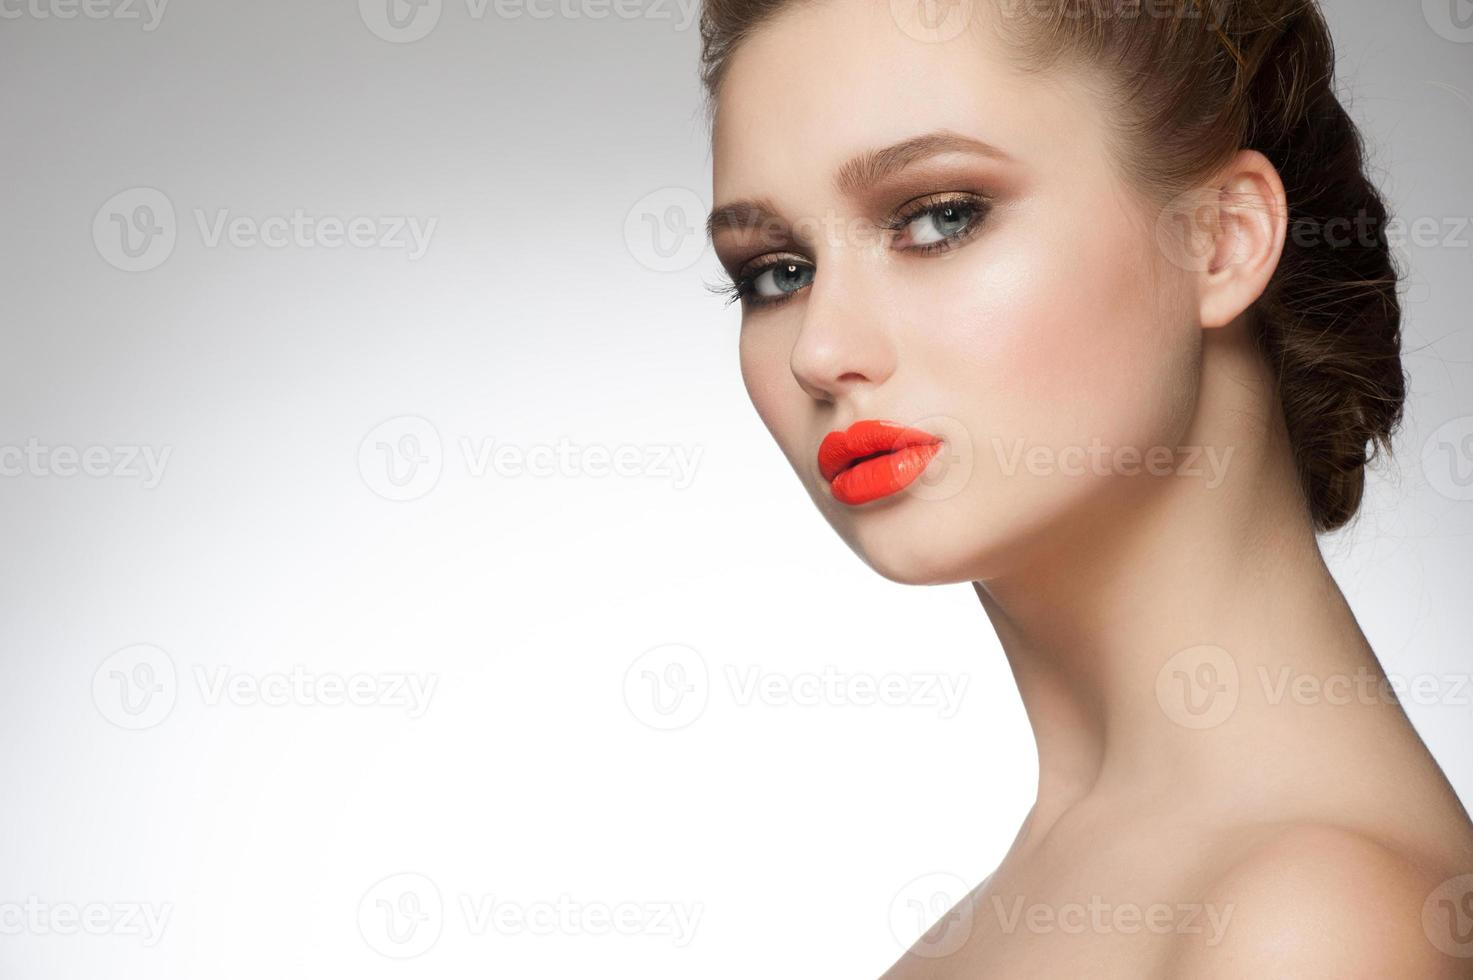 femme avec rouge à lèvres orange photo